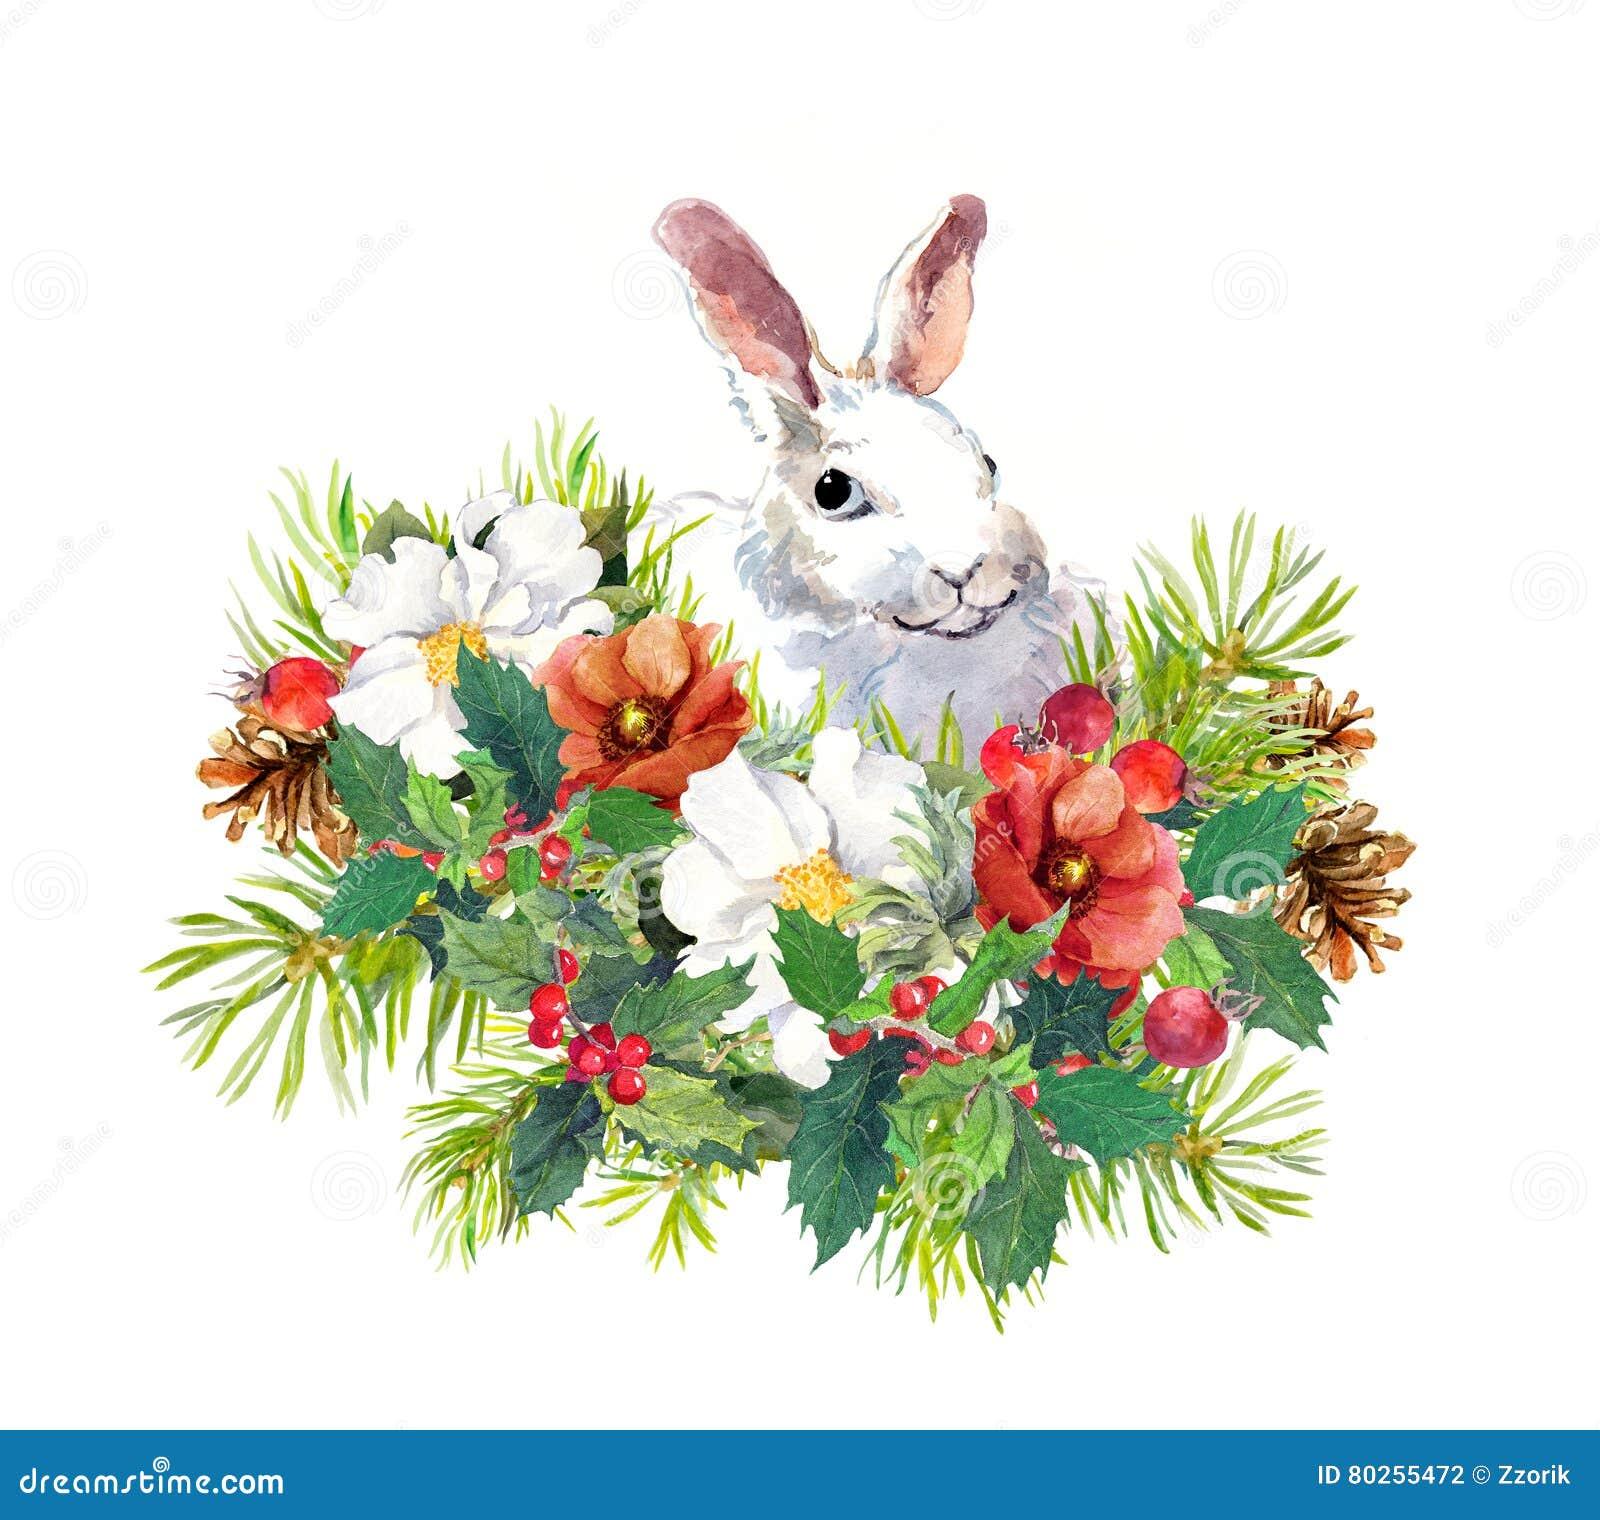 Winterkaninchen, Blumen, Kiefer, Mistelzweig Weihnachtsaquarell für Grußkarte mit nettem Tier